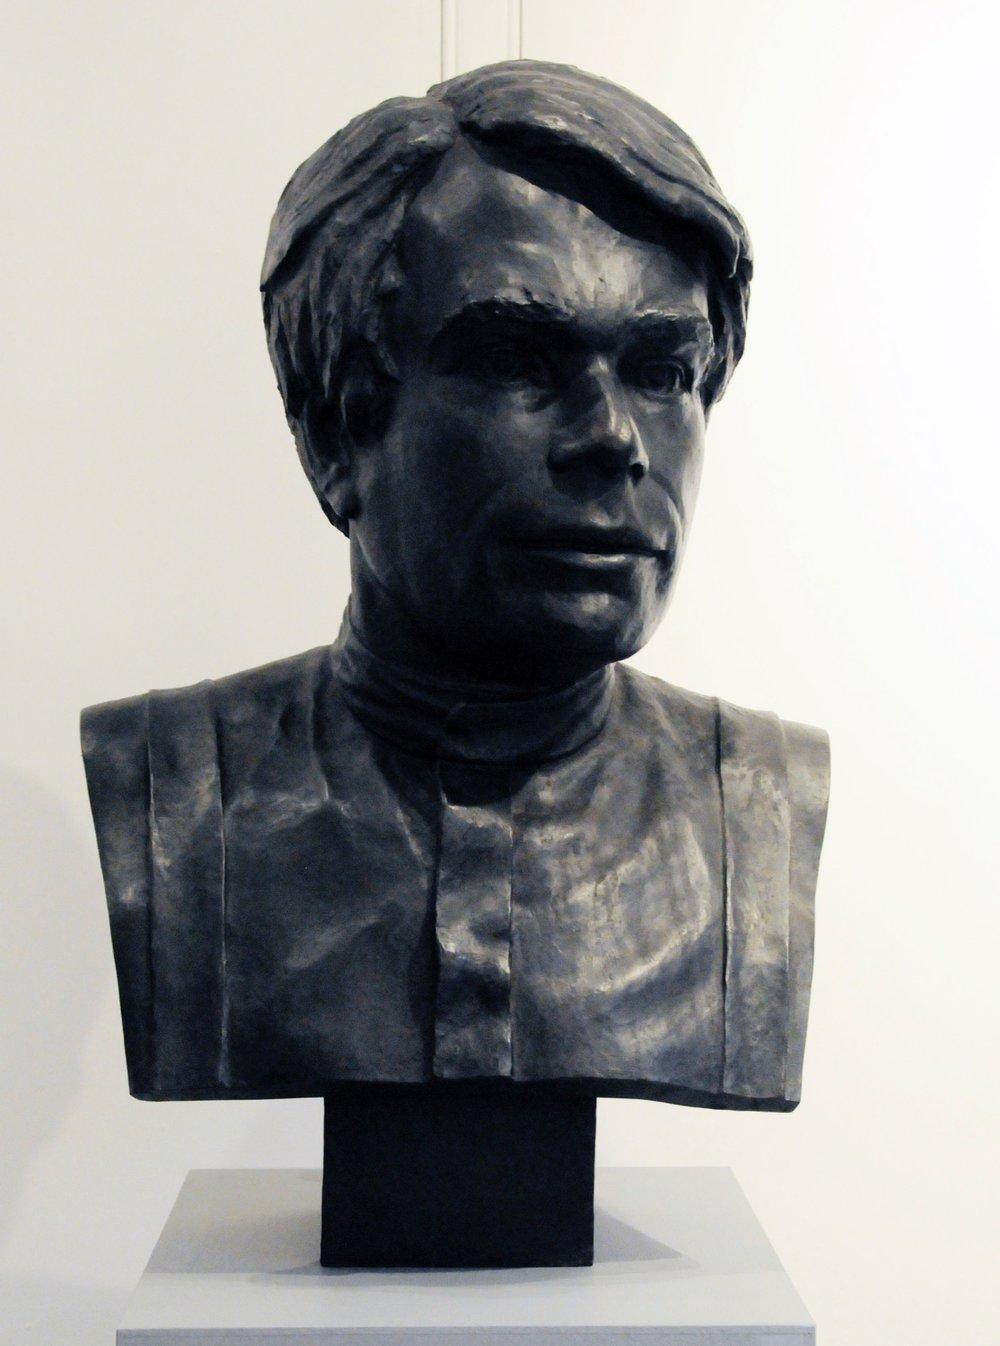 Peter Eisenman, 1990